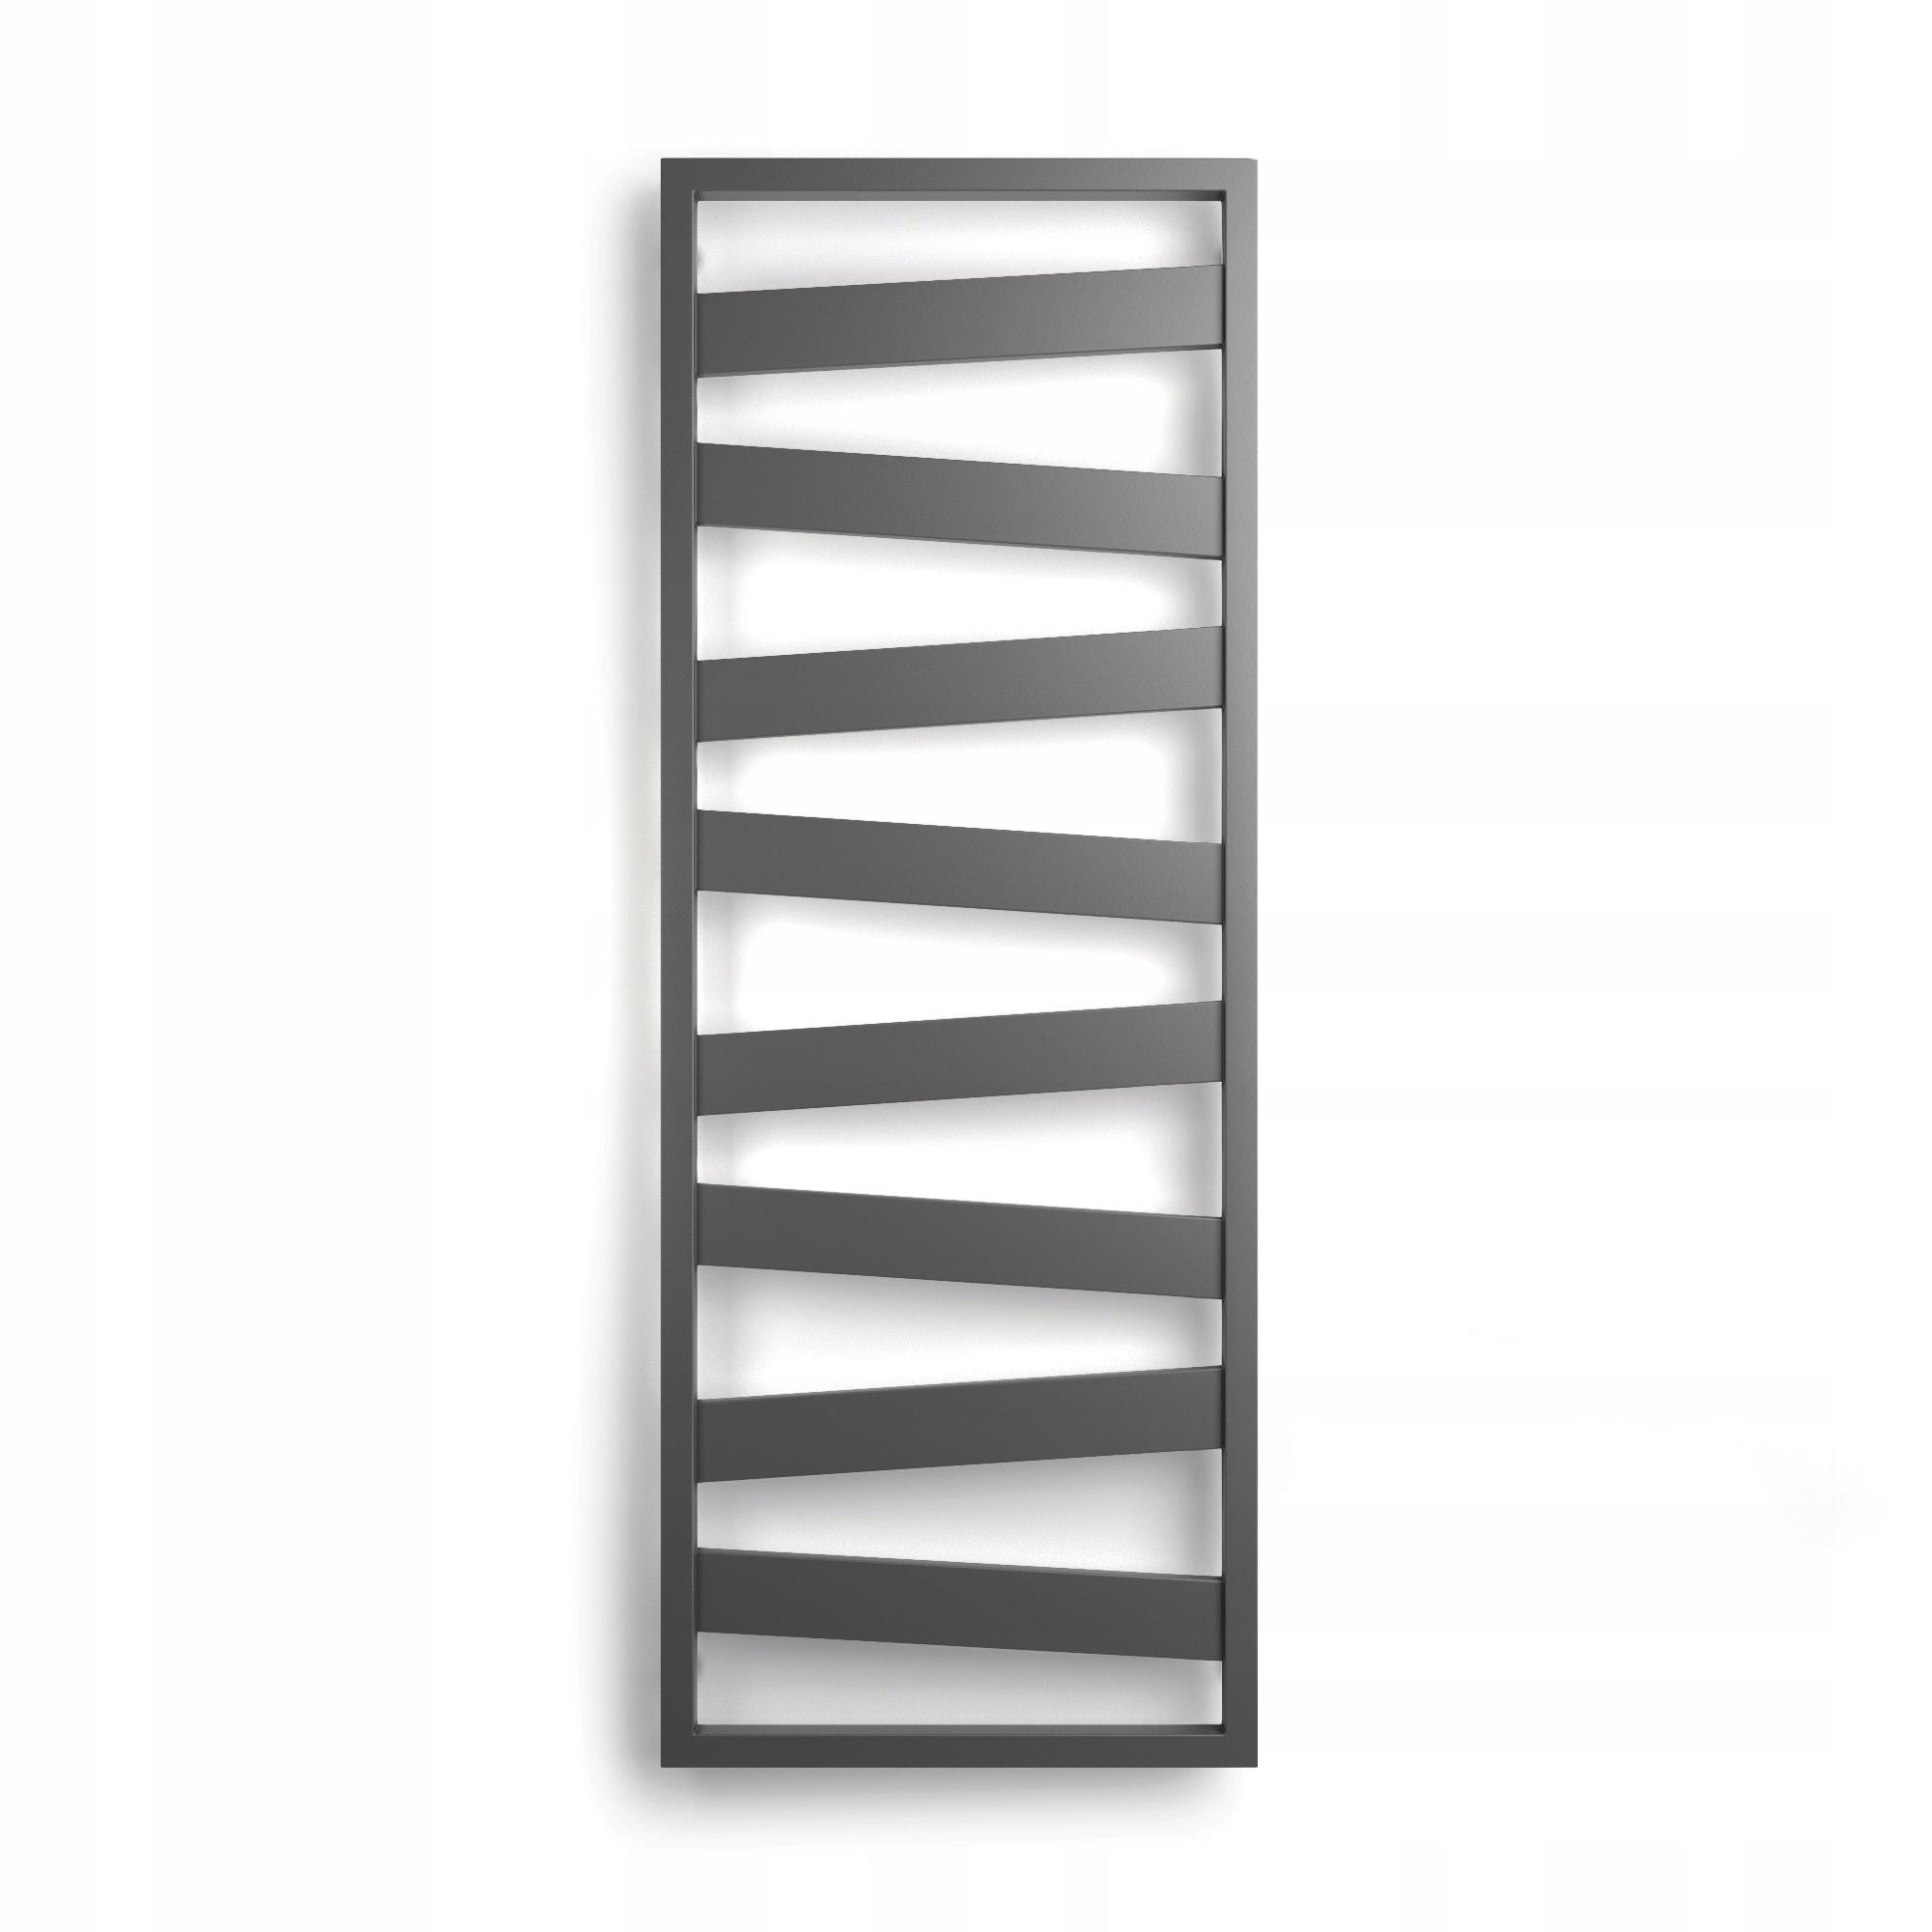 Декоративный радиатор для ванной TEXAS 143x53antrac